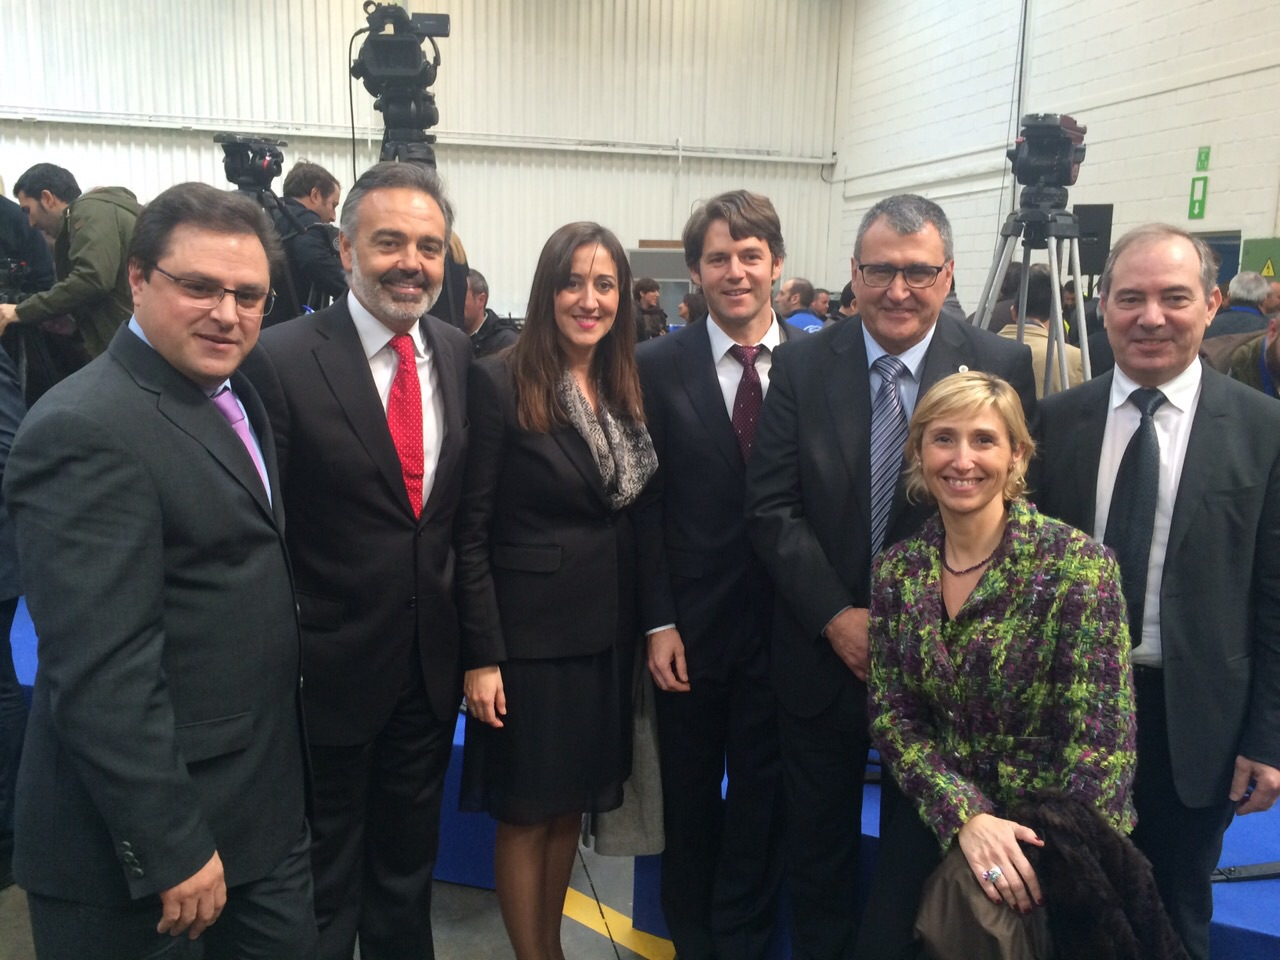 La APPI participó en la visita de Rajoy y el Presidente mundial de Ford a la planta de Almussafes